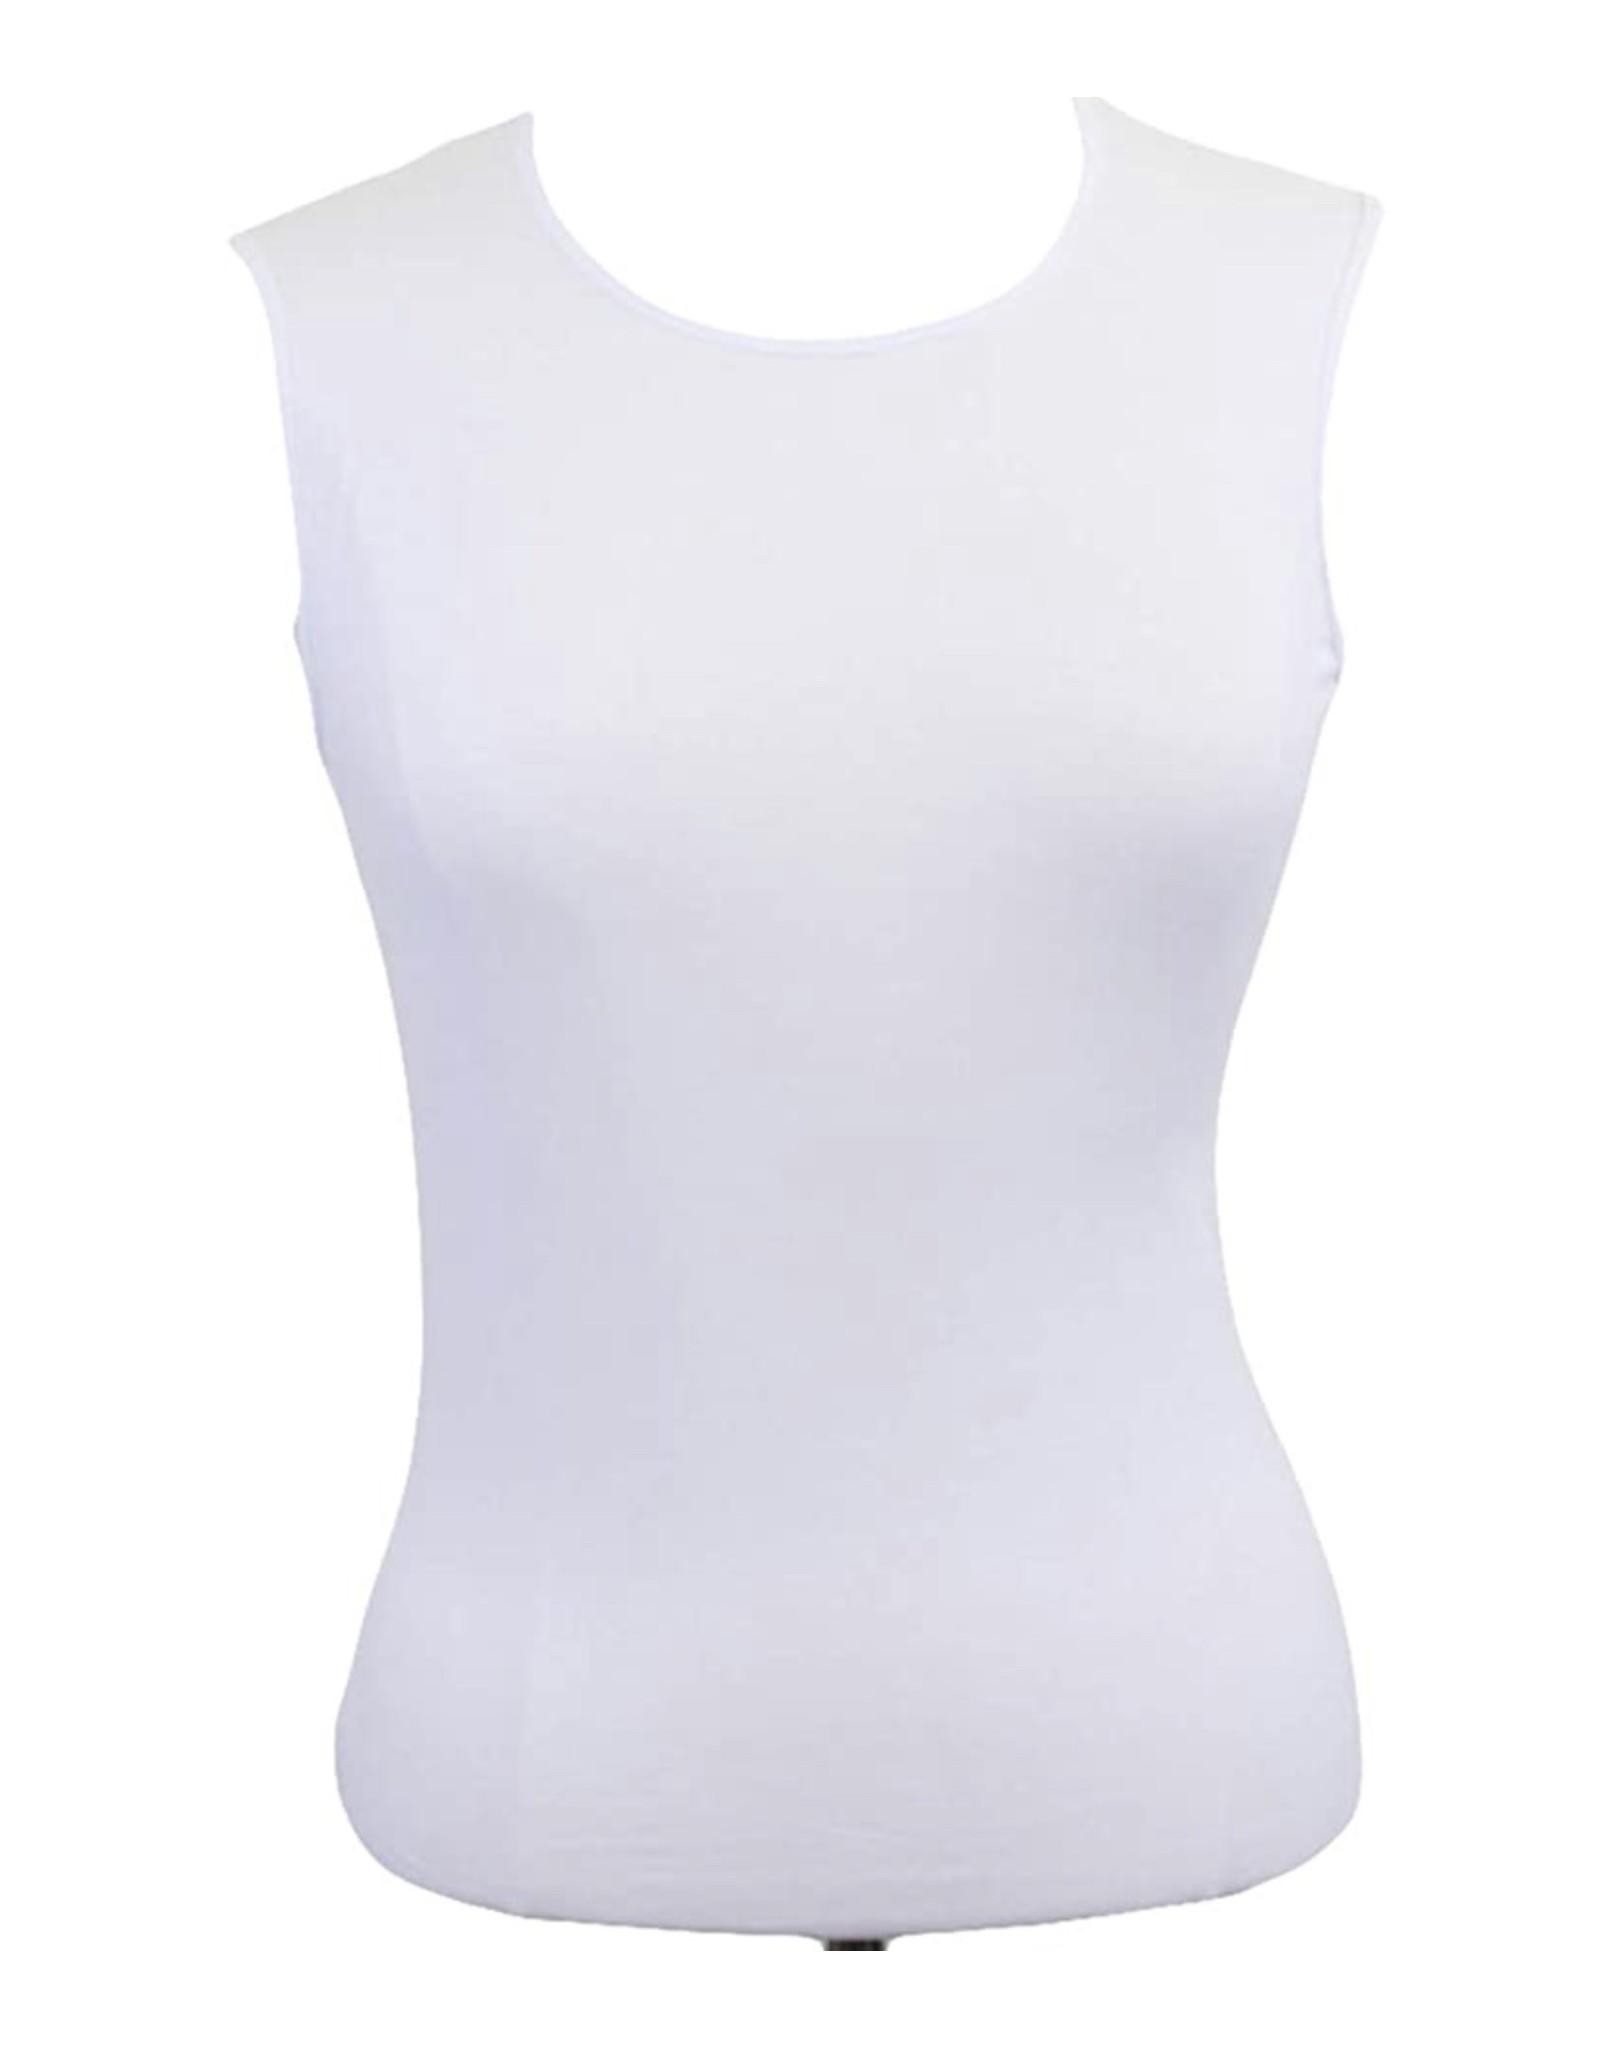 Kiki Riki Kiki RiKi Women's Sleeveless Scoop Neck Cotton Shell 20843